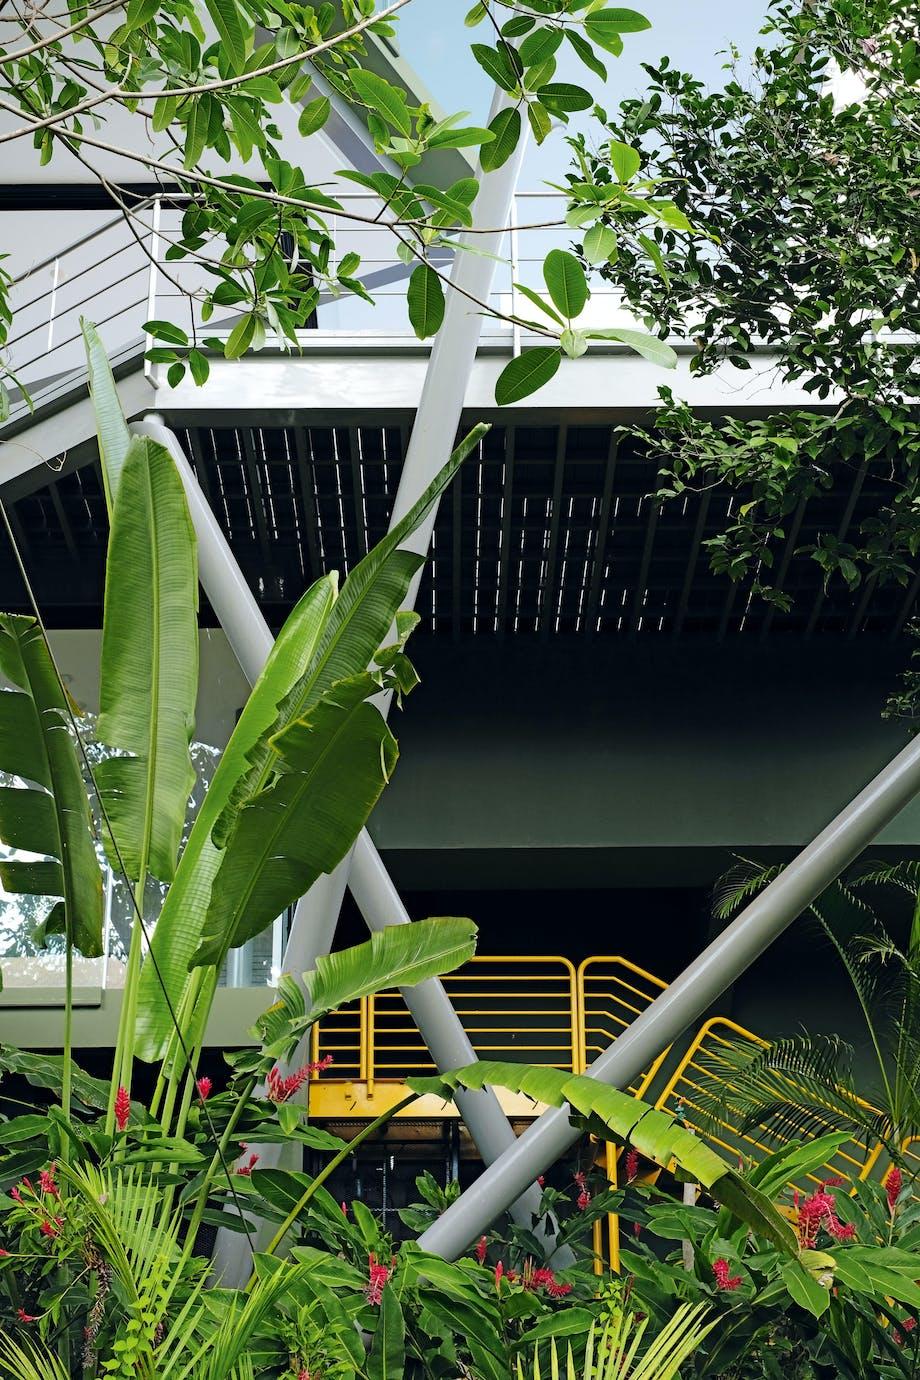 Særpræget konstruktion og smukke omgivelser